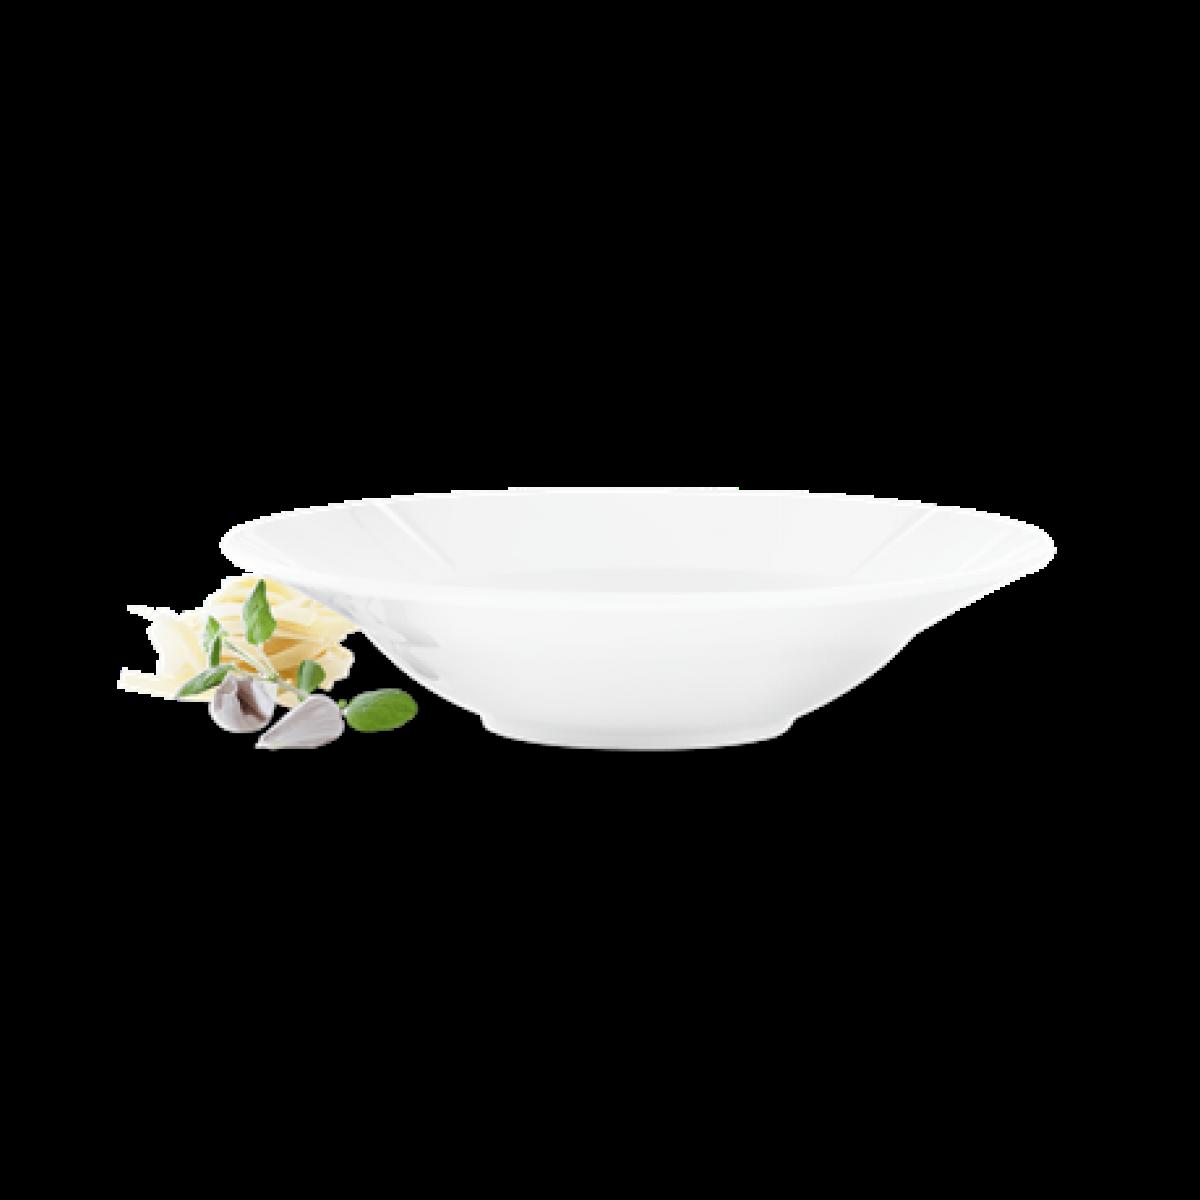 ROSENDAHL Grand Cru pastatallerken 25 cm.